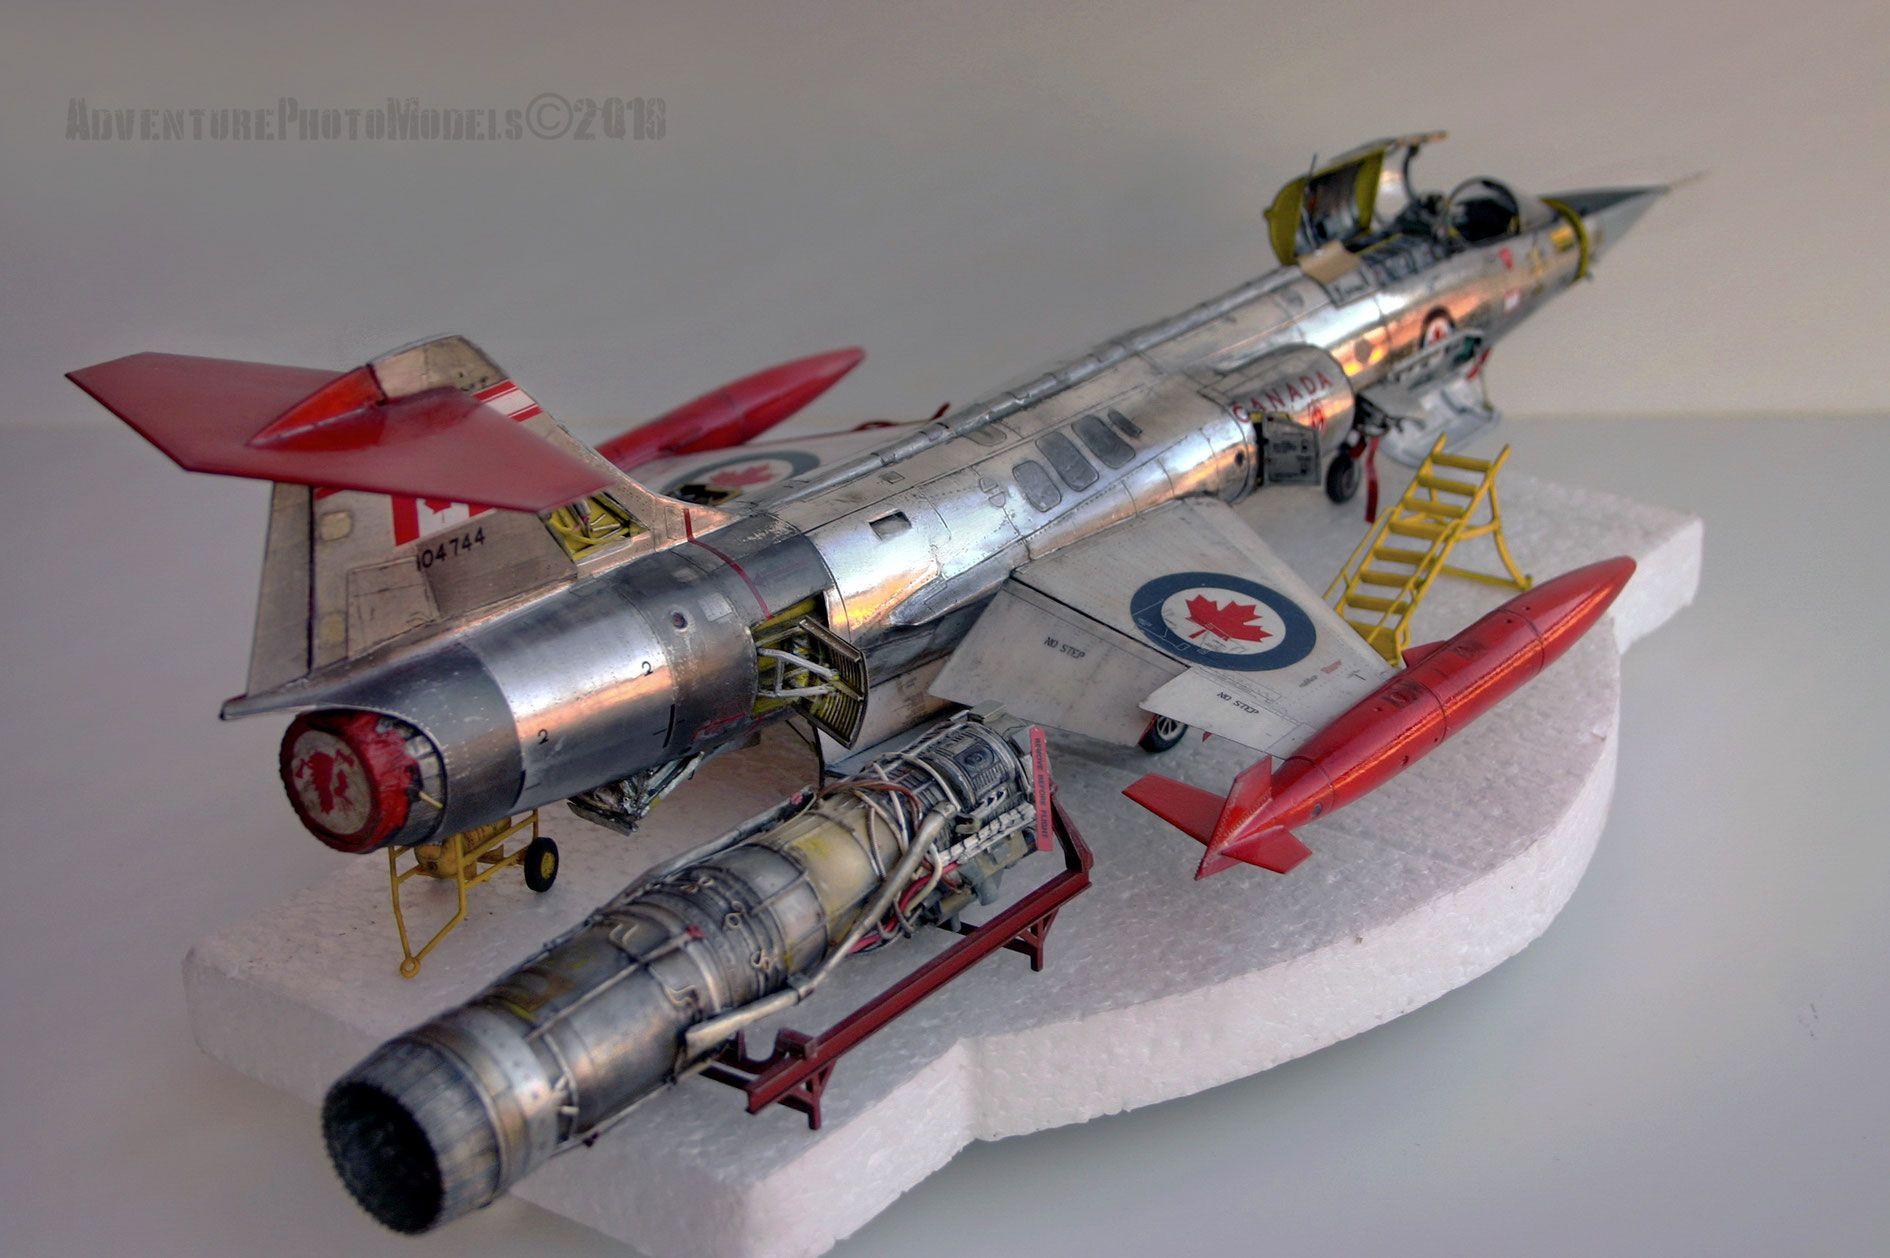 Sito di fotomodellismo statico aircraft models model for Sito di design